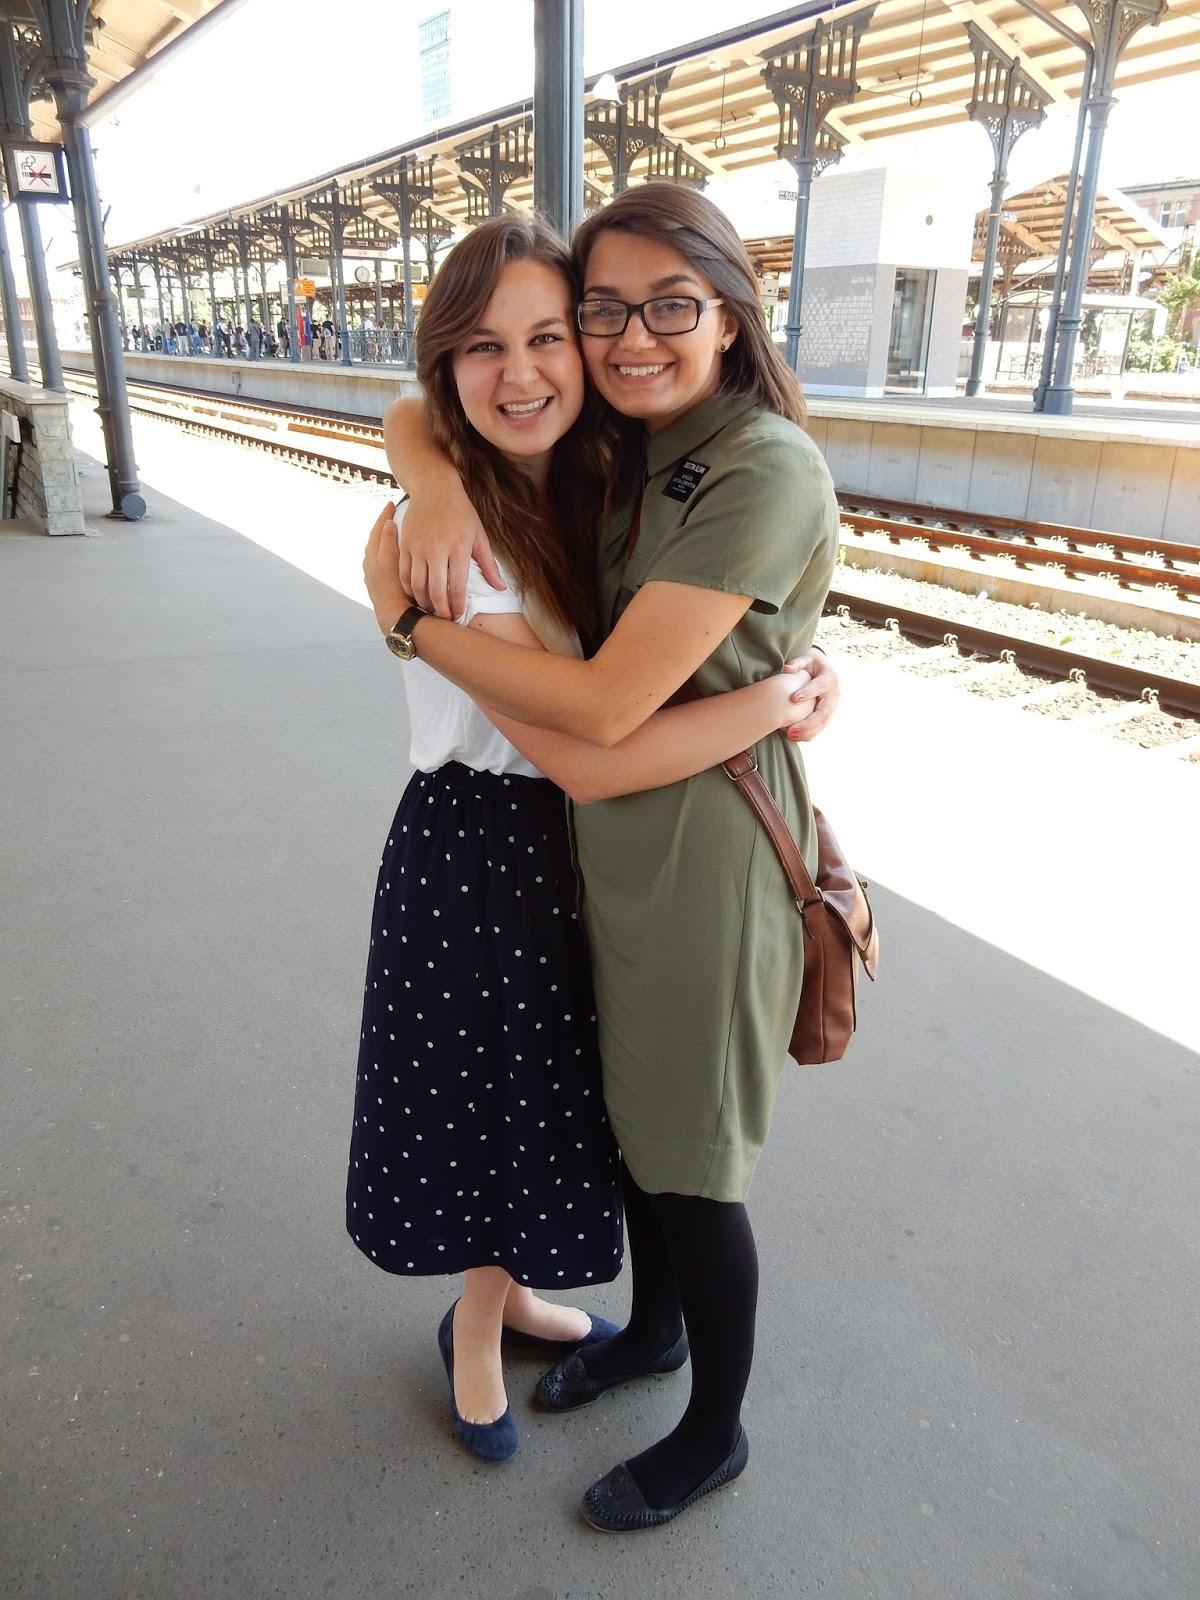 Teen girls in Szczecin